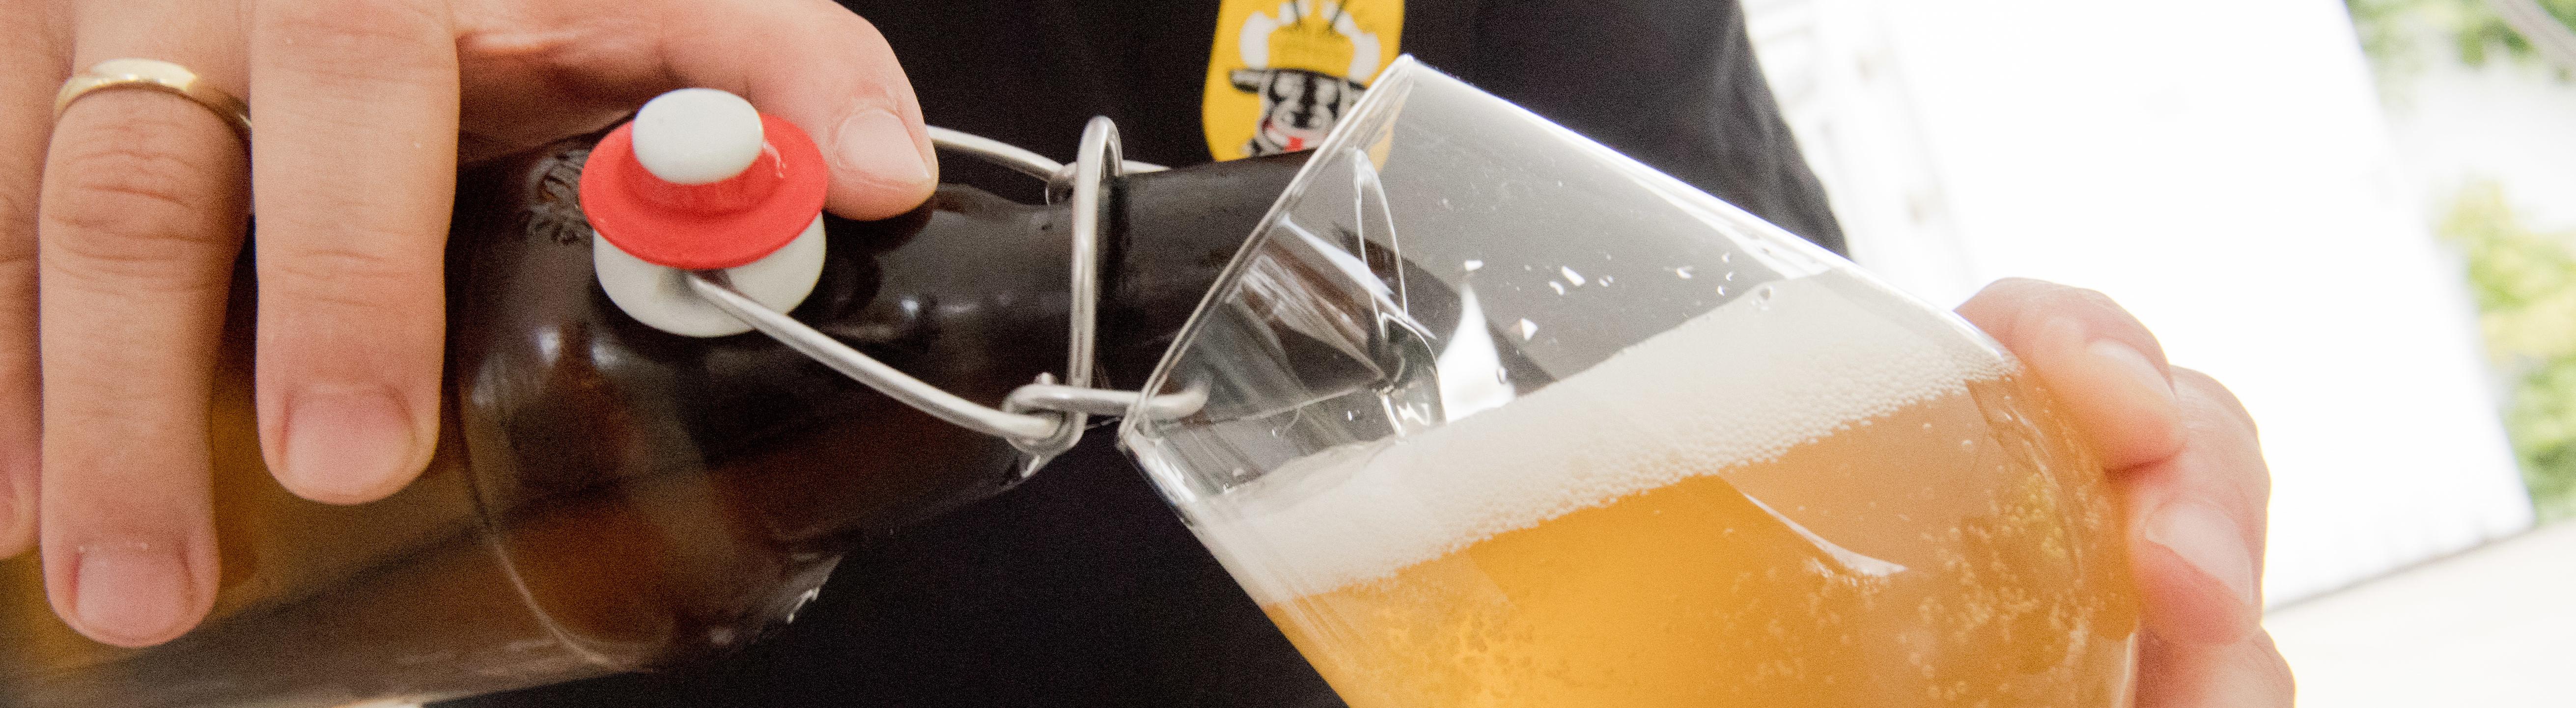 Mecklenburg-Vorpommern, Greifswald: Dosenbier oder industrielle Flaschenbiere kommen dem 46-Jährigen Greifswalder Jan Evermann so gut wie nie ins Glas. Immer mehr Hobbybrauer brauen in Kellern, Küchen und Garagen ihr eigenes Bier. Die Flaschen der Marke Eigenbräu, - ein Ale oder Weizen - lagert Evermann in seinem Getränke-Kühlschrank im Gartenhaus. Maximal 75 Liter Bier braut sich Evermann mit einem Braugang zusammen – ausreichend für den Eigenbedarf.